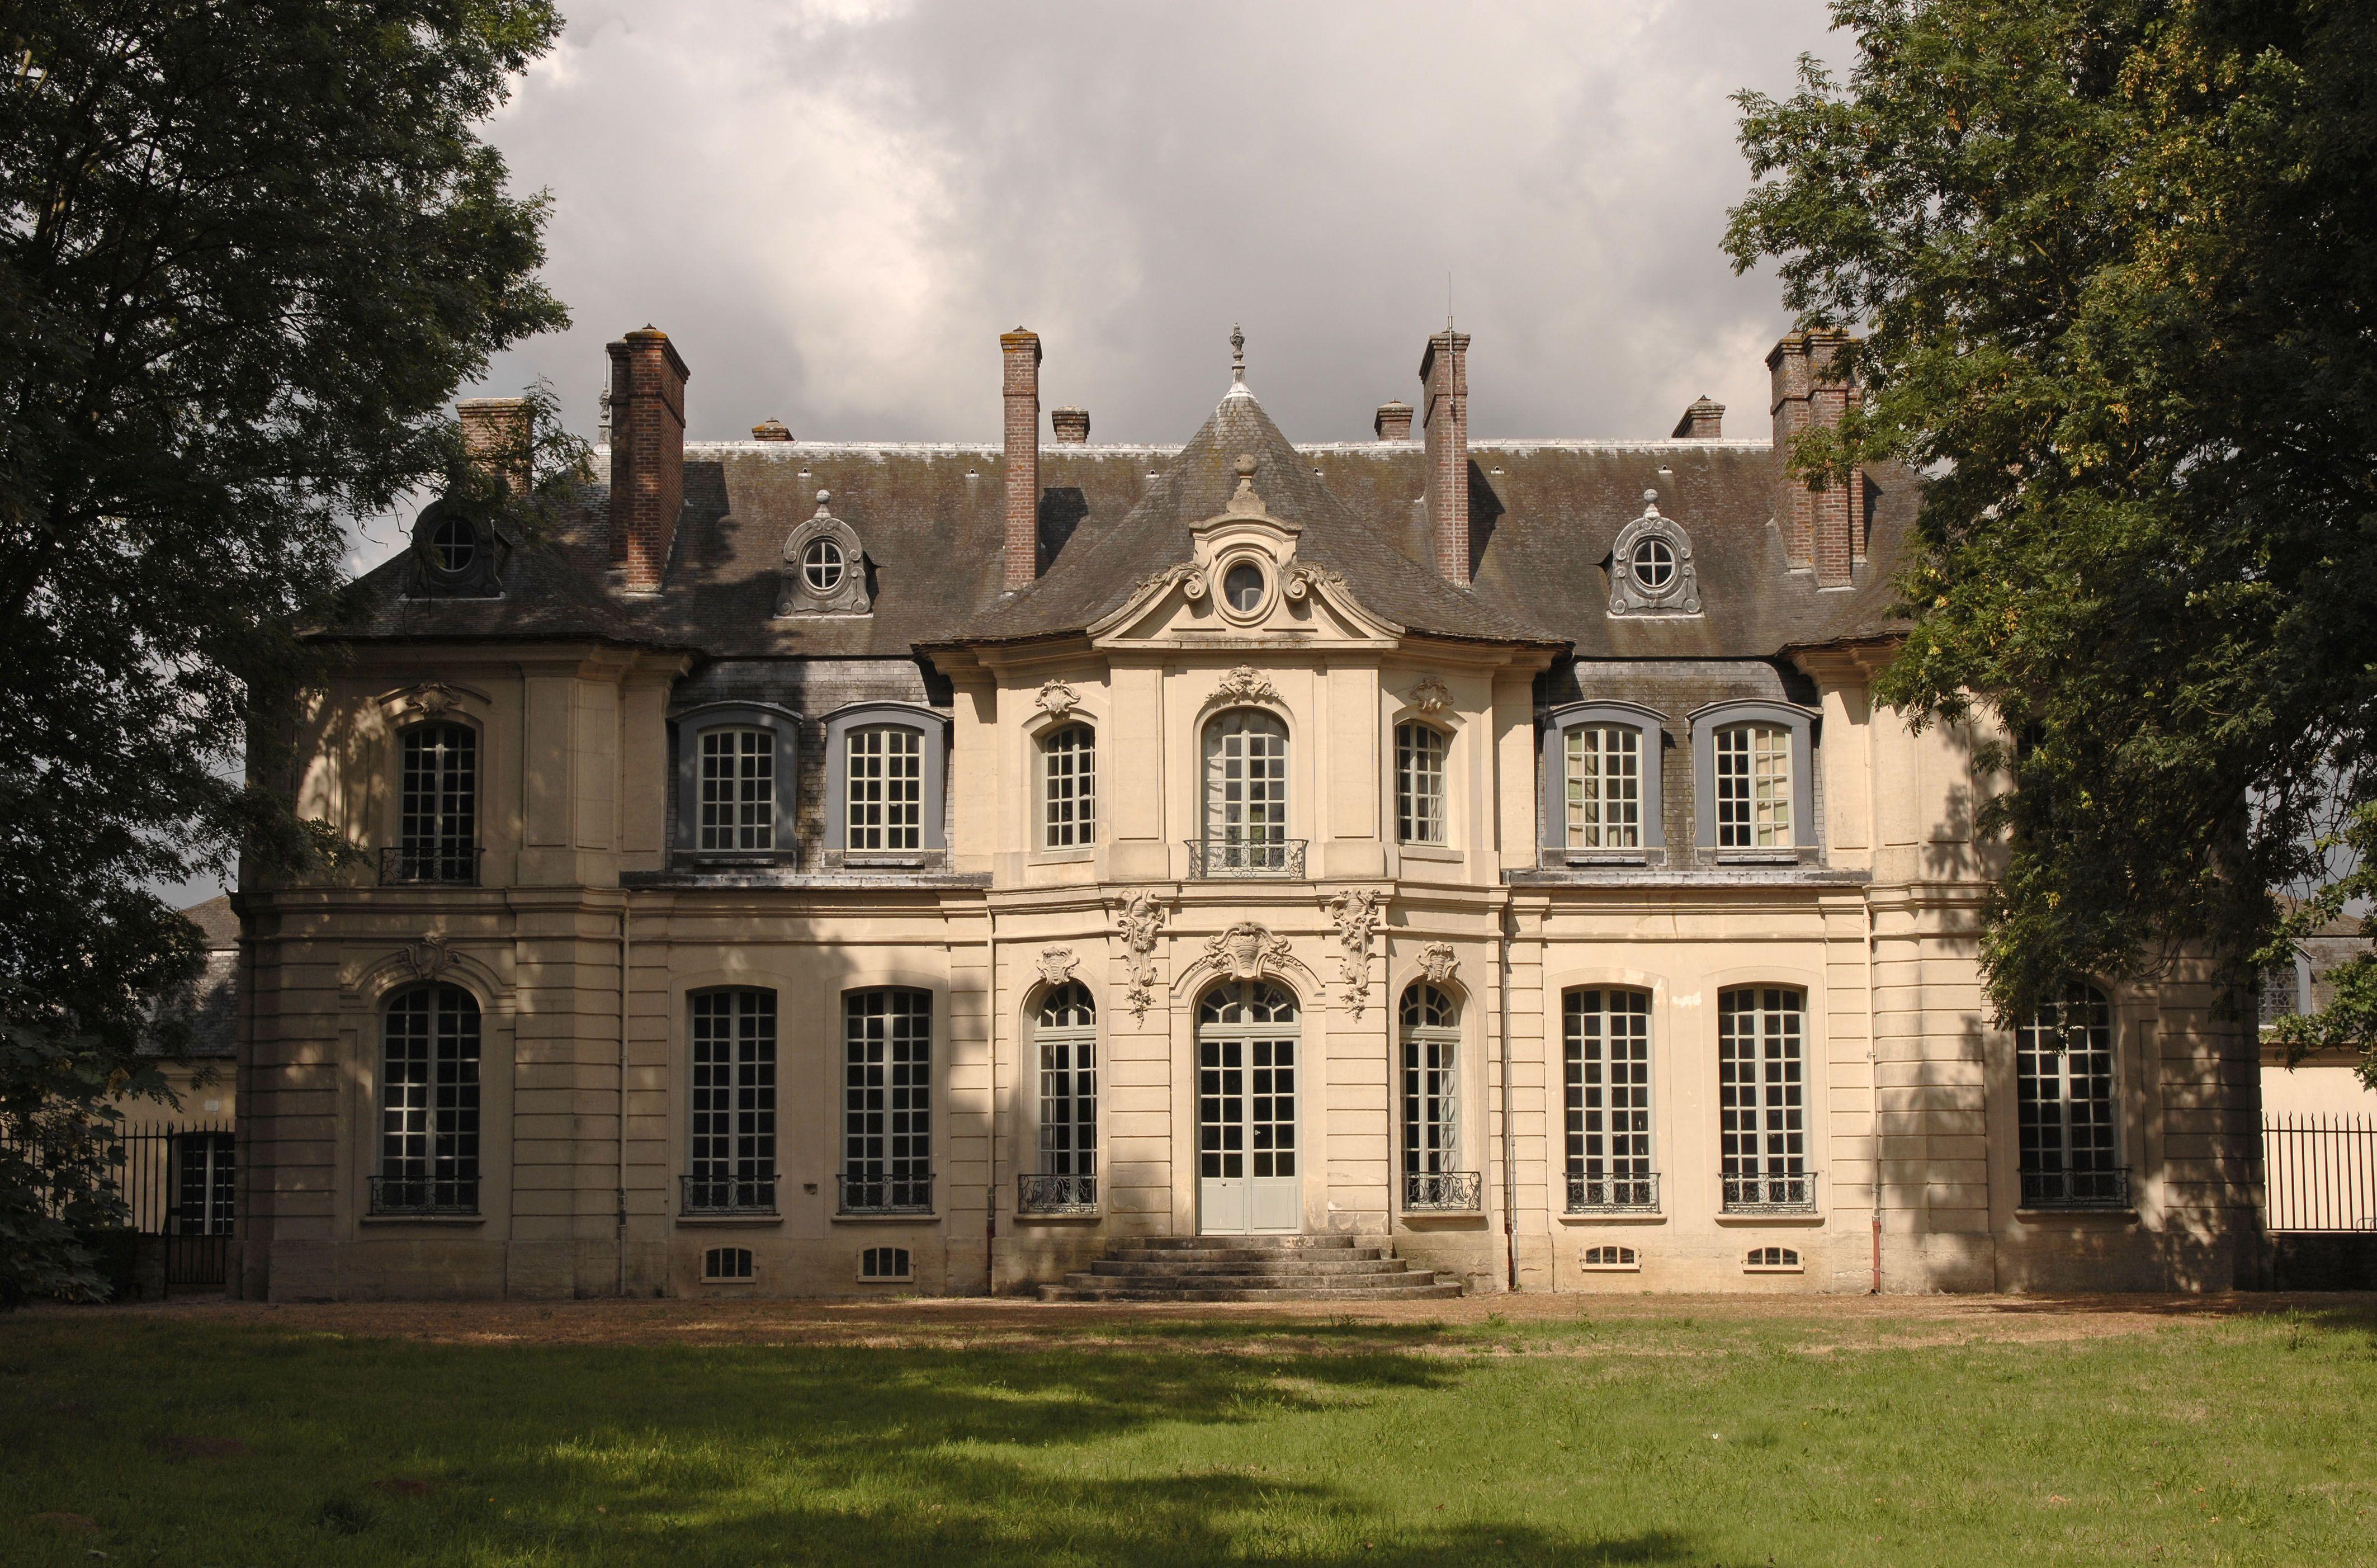 Ch¢teau de Jossigny en Žle de France France Jossigny leCMN